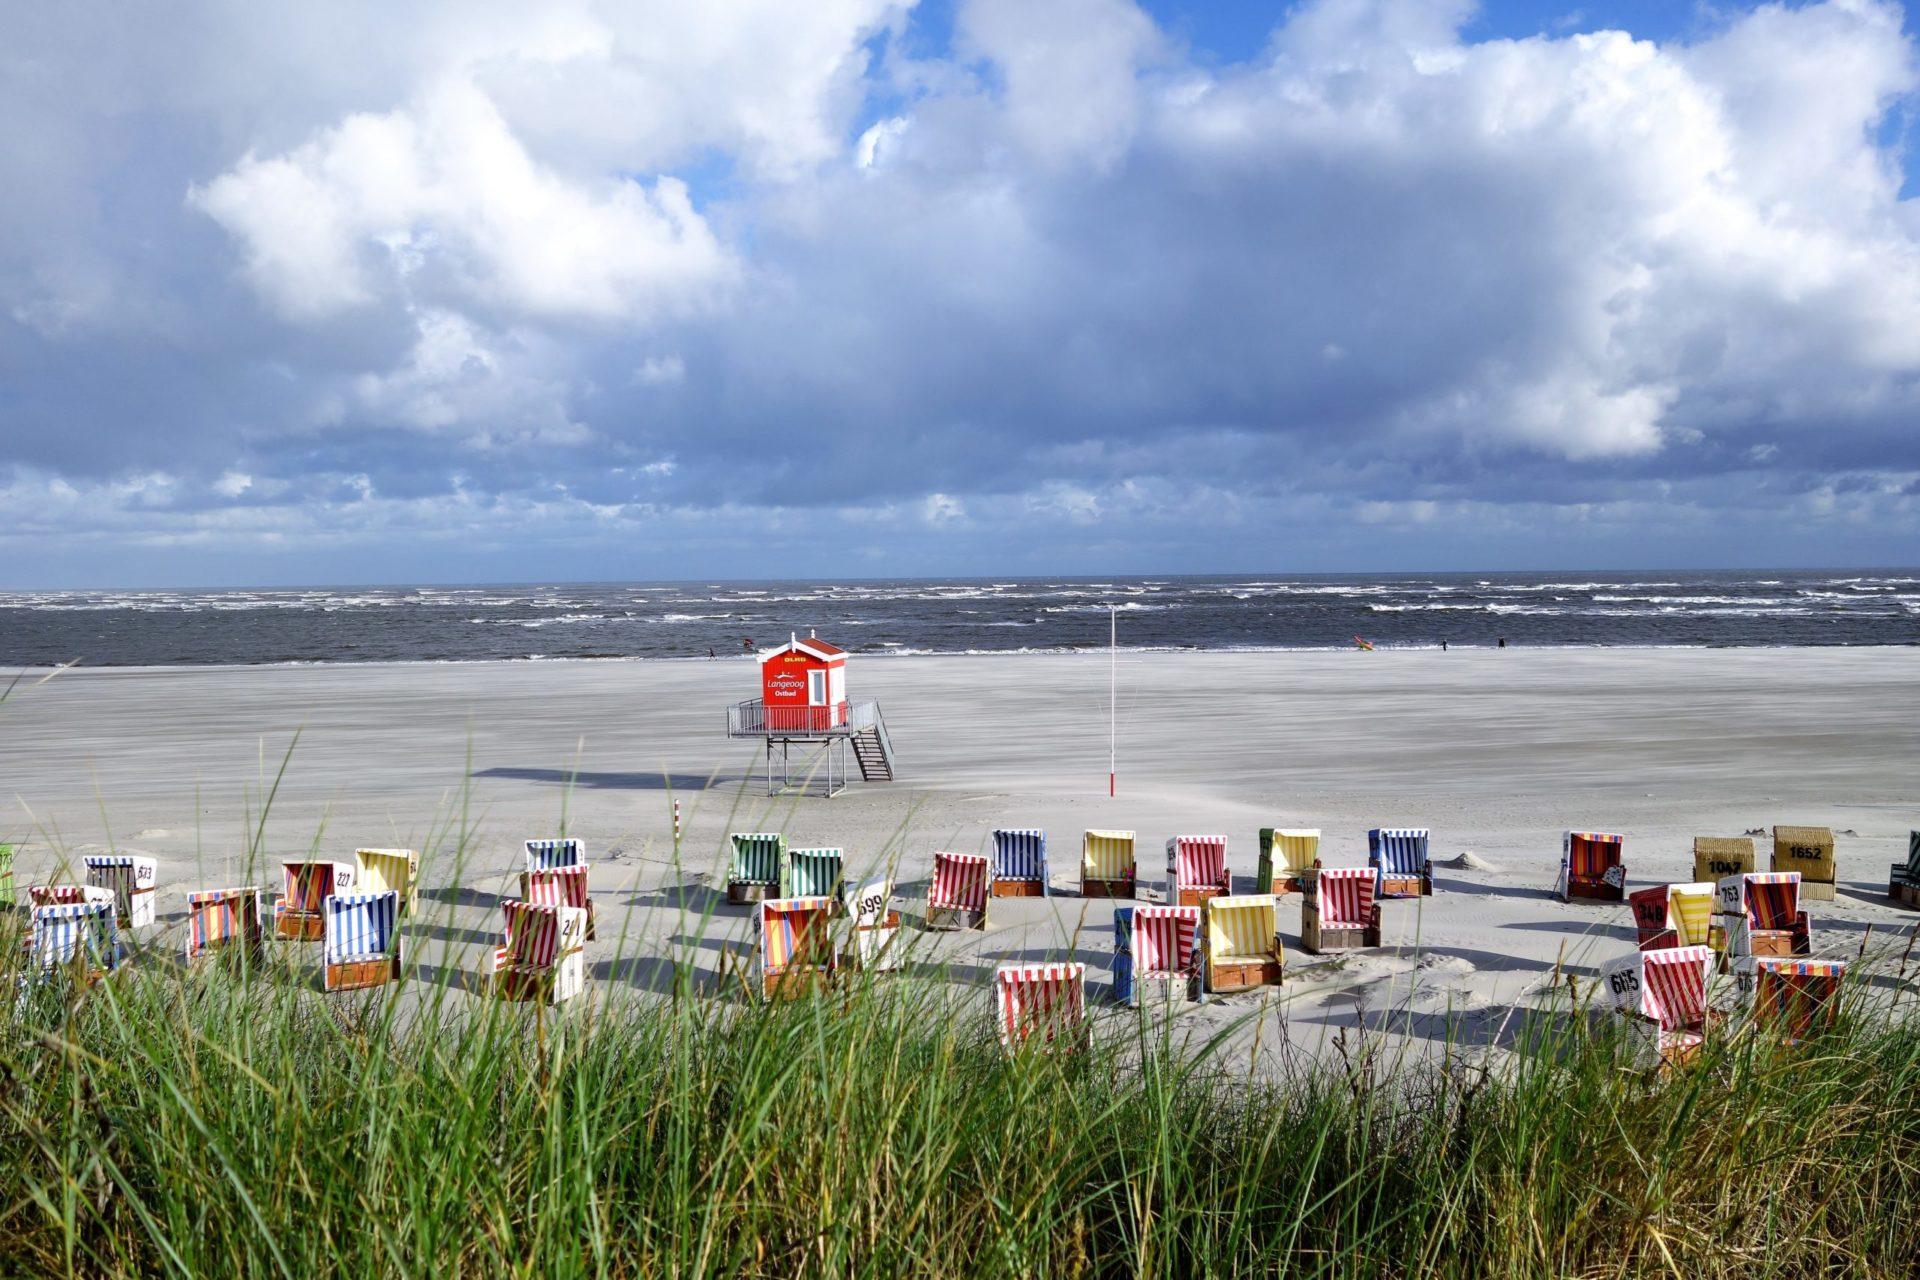 Wassertemperatur Langeoog: Blick über den bewachten Badestrand mit Strandkörben und Wachhäusschen beim Ort Langeoog, im Vordergrund Dünengras, im Hintergrund die Nordsee